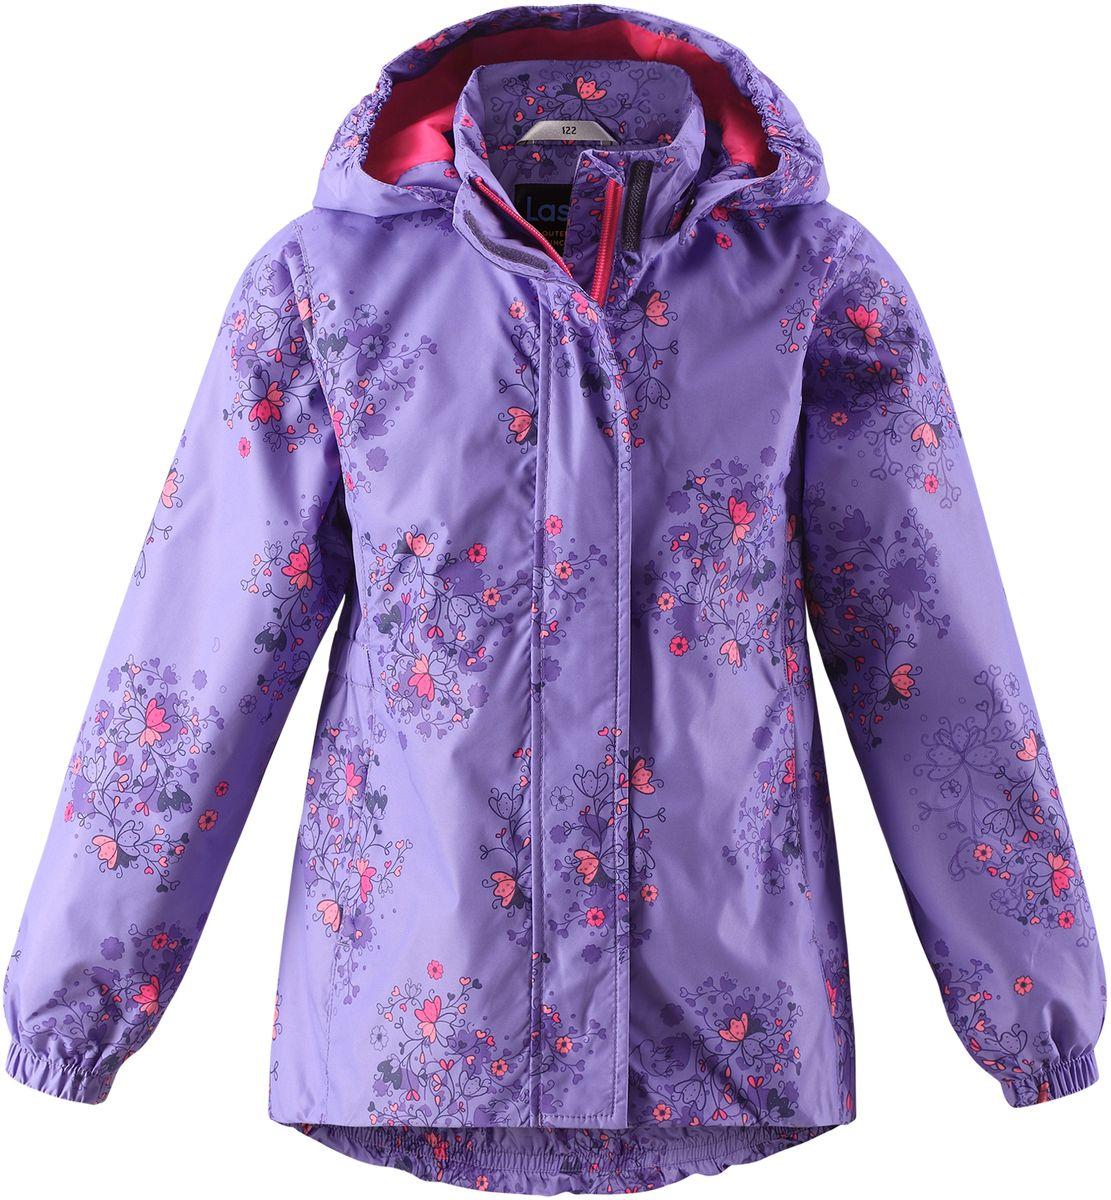 Куртка для девочки Lassie, цвет: сиреневый. 721704R5691. Размер 134721704R5691Стильная демисезонная куртка для девочек изготовлена из водоотталкивающего, ветронепроницаемого и дышащего материала. Гладкая и приятная на ощупь подкладка из полиэстера на легком утеплителе согревает и облегчает процесс одевания. Удлиненная модель для девочек с эластичной талией, подолом и манжетами. Практичные детали просто незаменимы: безопасный съемный капюшон, карманы, вшитые в боковые швы, и светоотражающая эмблема сзади.